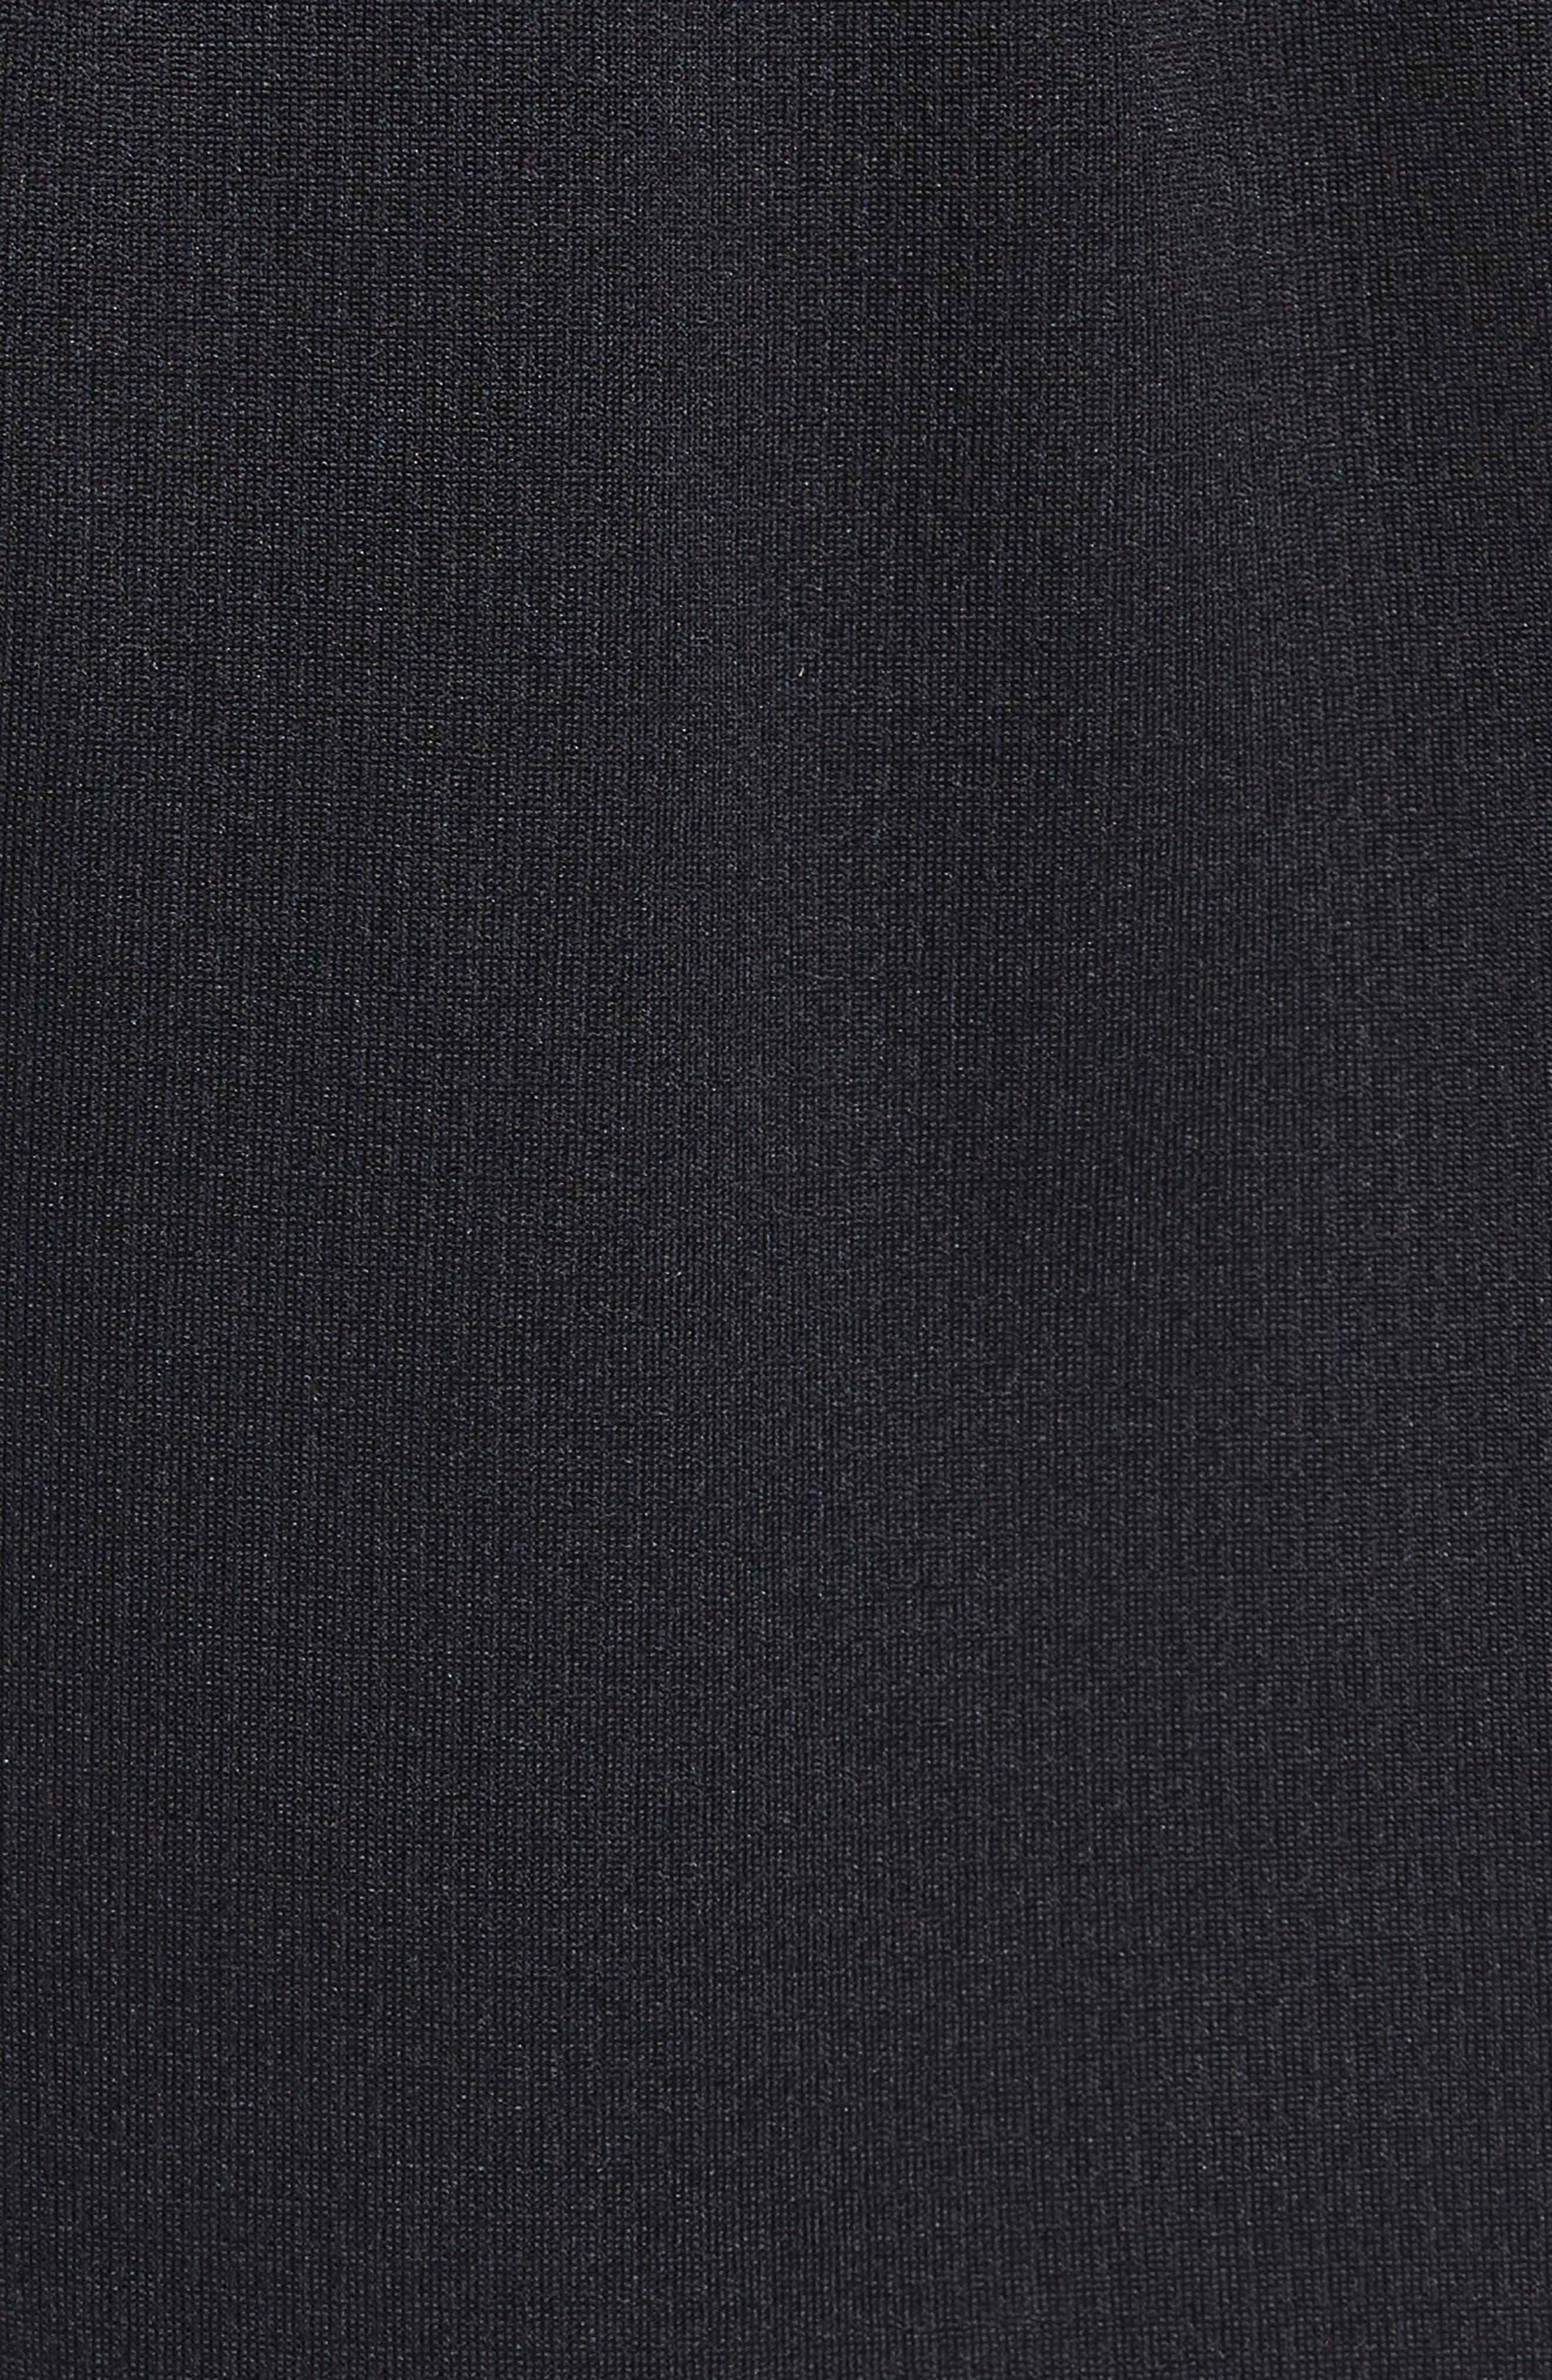 Versa Shorts,                             Alternate thumbnail 5, color,                             BLACK